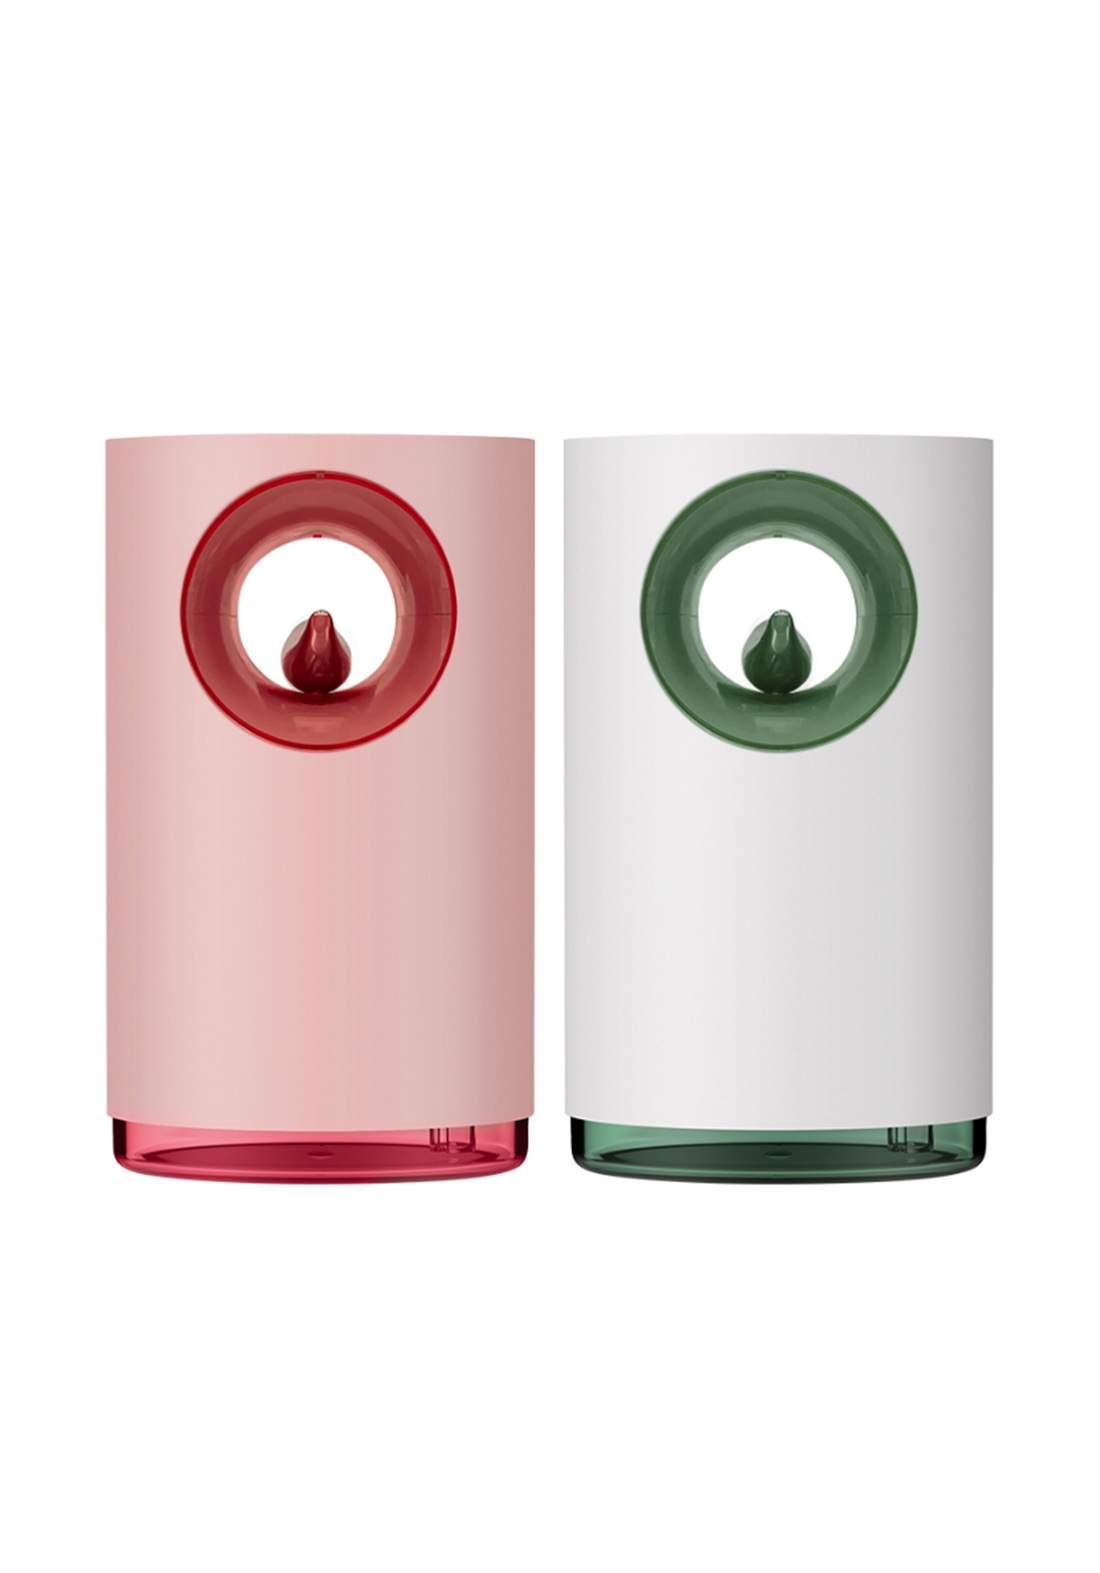 مبخرة معطرة Remax RT-A240 Fragrance Lamp Purification Humidifier